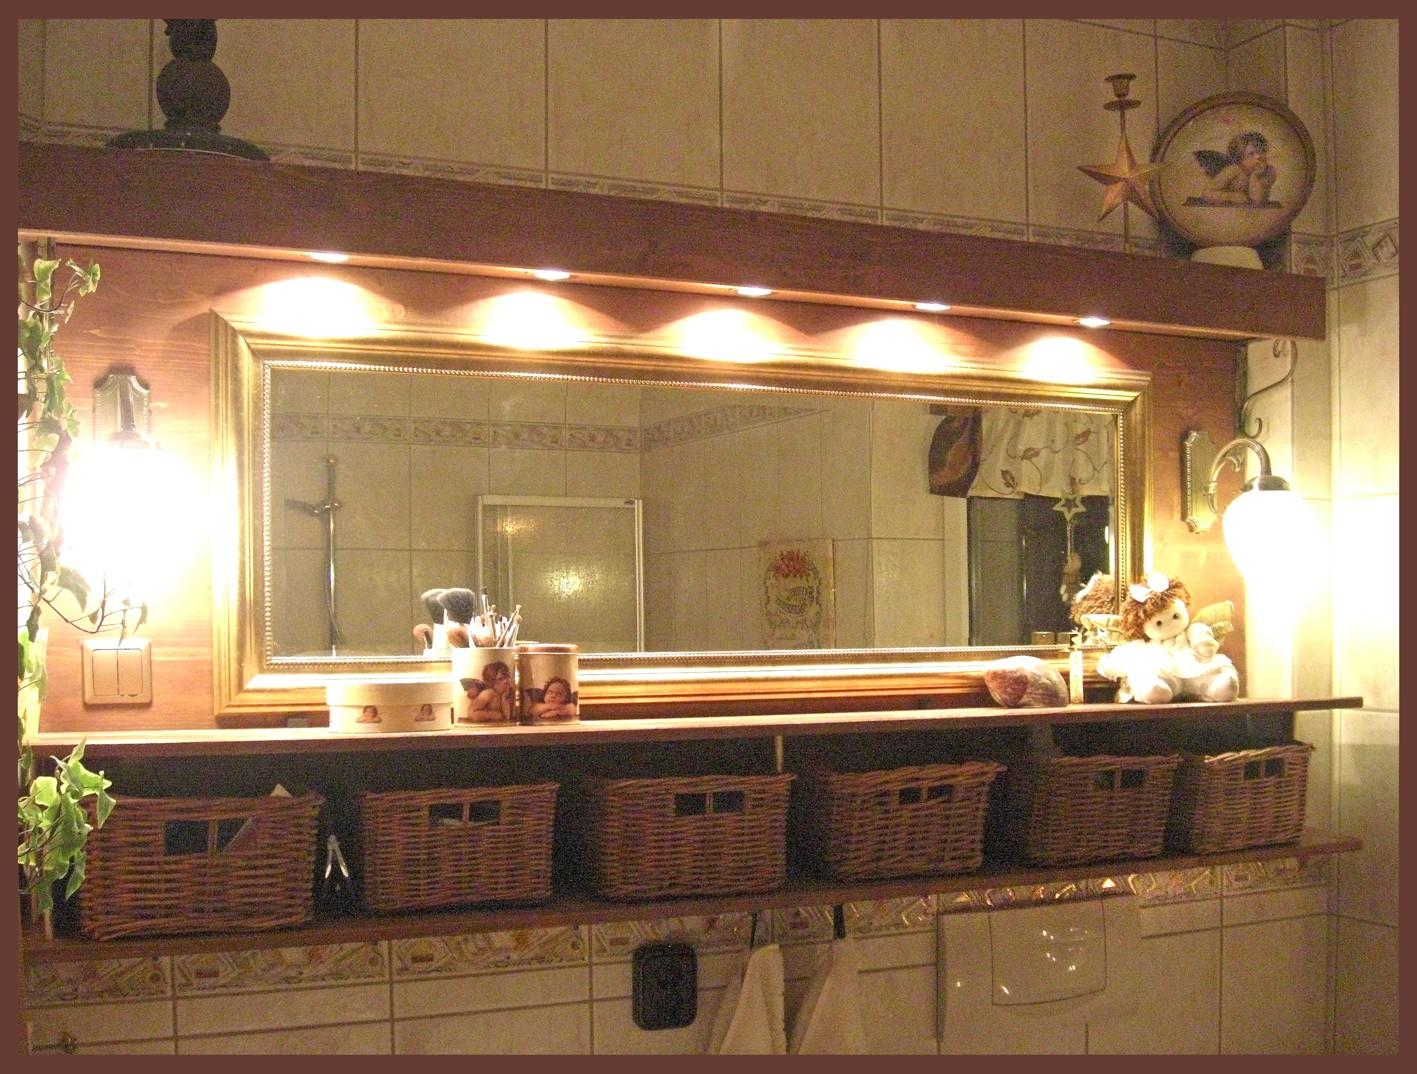 Das Selbstgewerkelte Spiegel Beleuchtungs Körbchen Ding